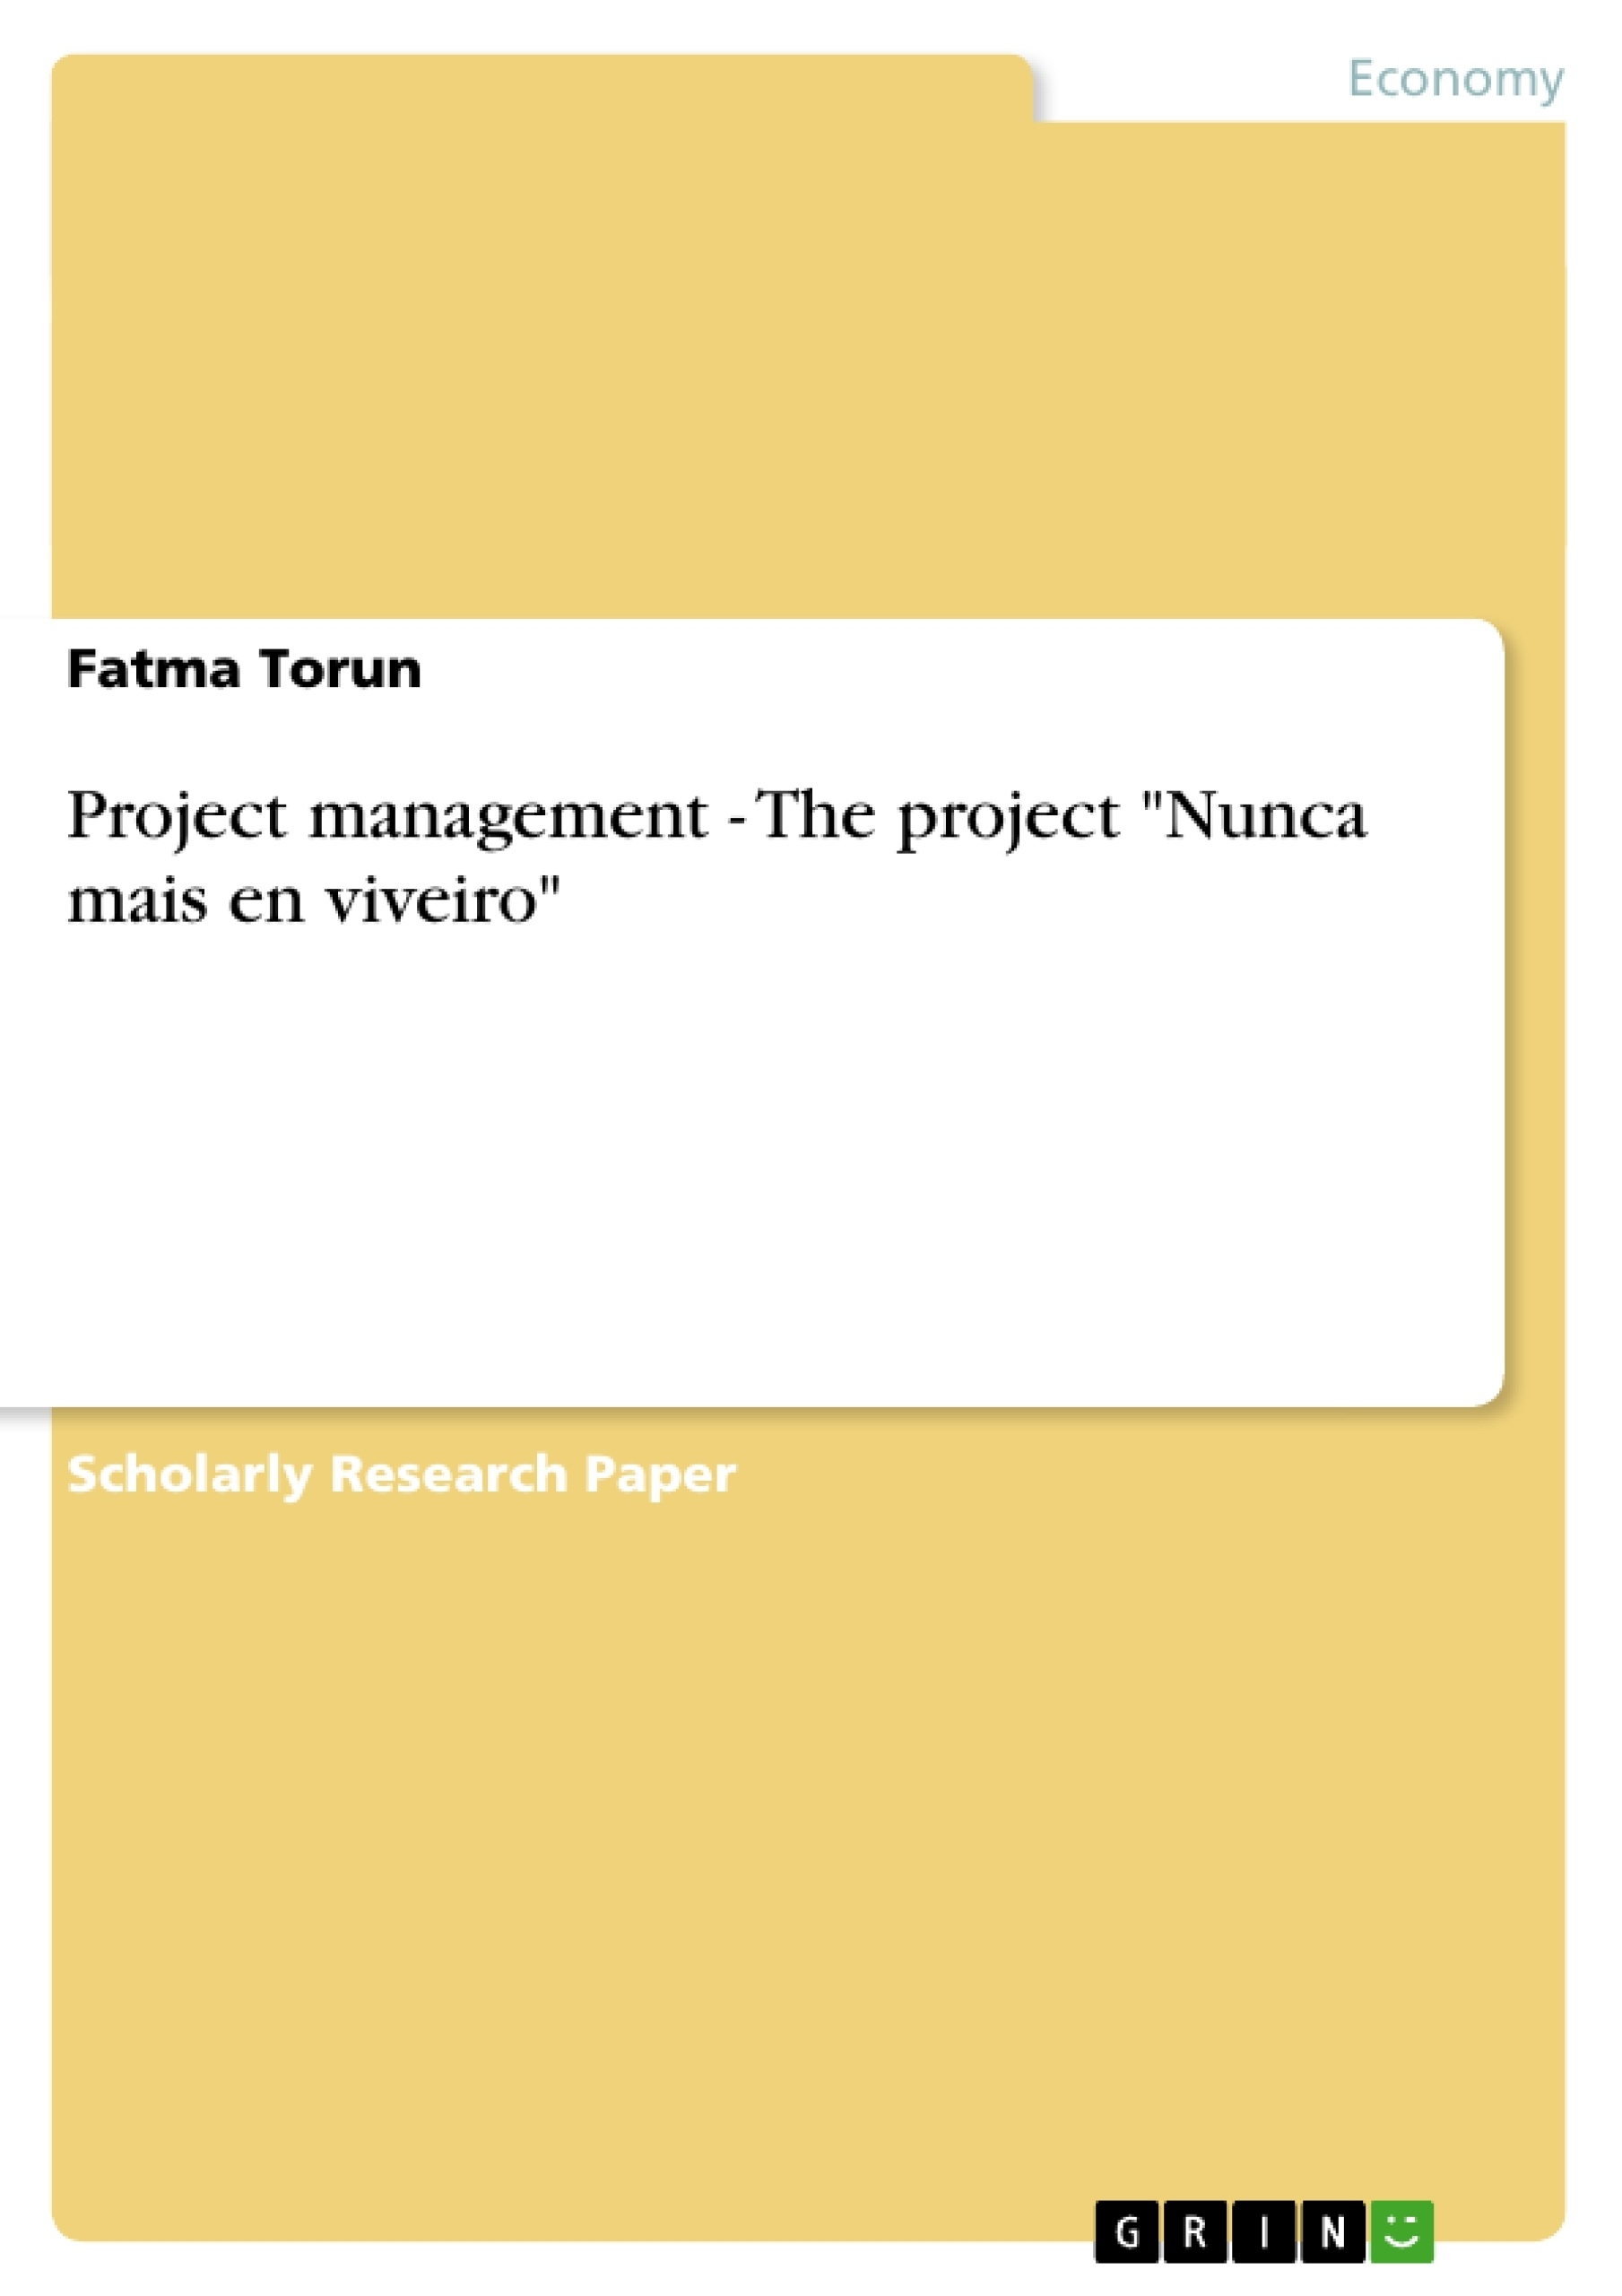 """Title: Project management - The project """"Nunca mais en viveiro"""""""